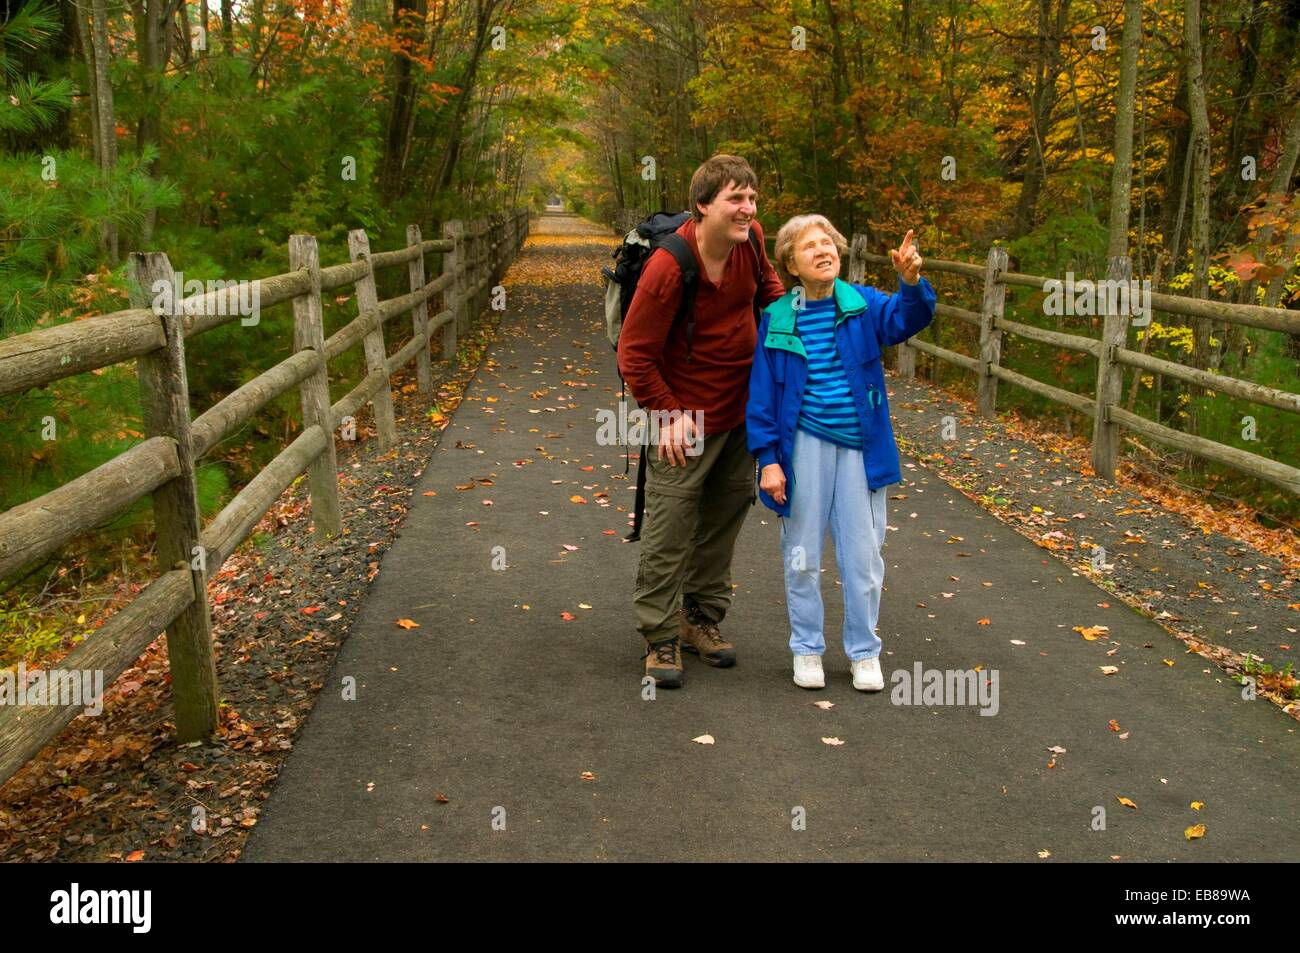 Farmington Canal Heritage Trail Stock Photos & Farmington Canal ...